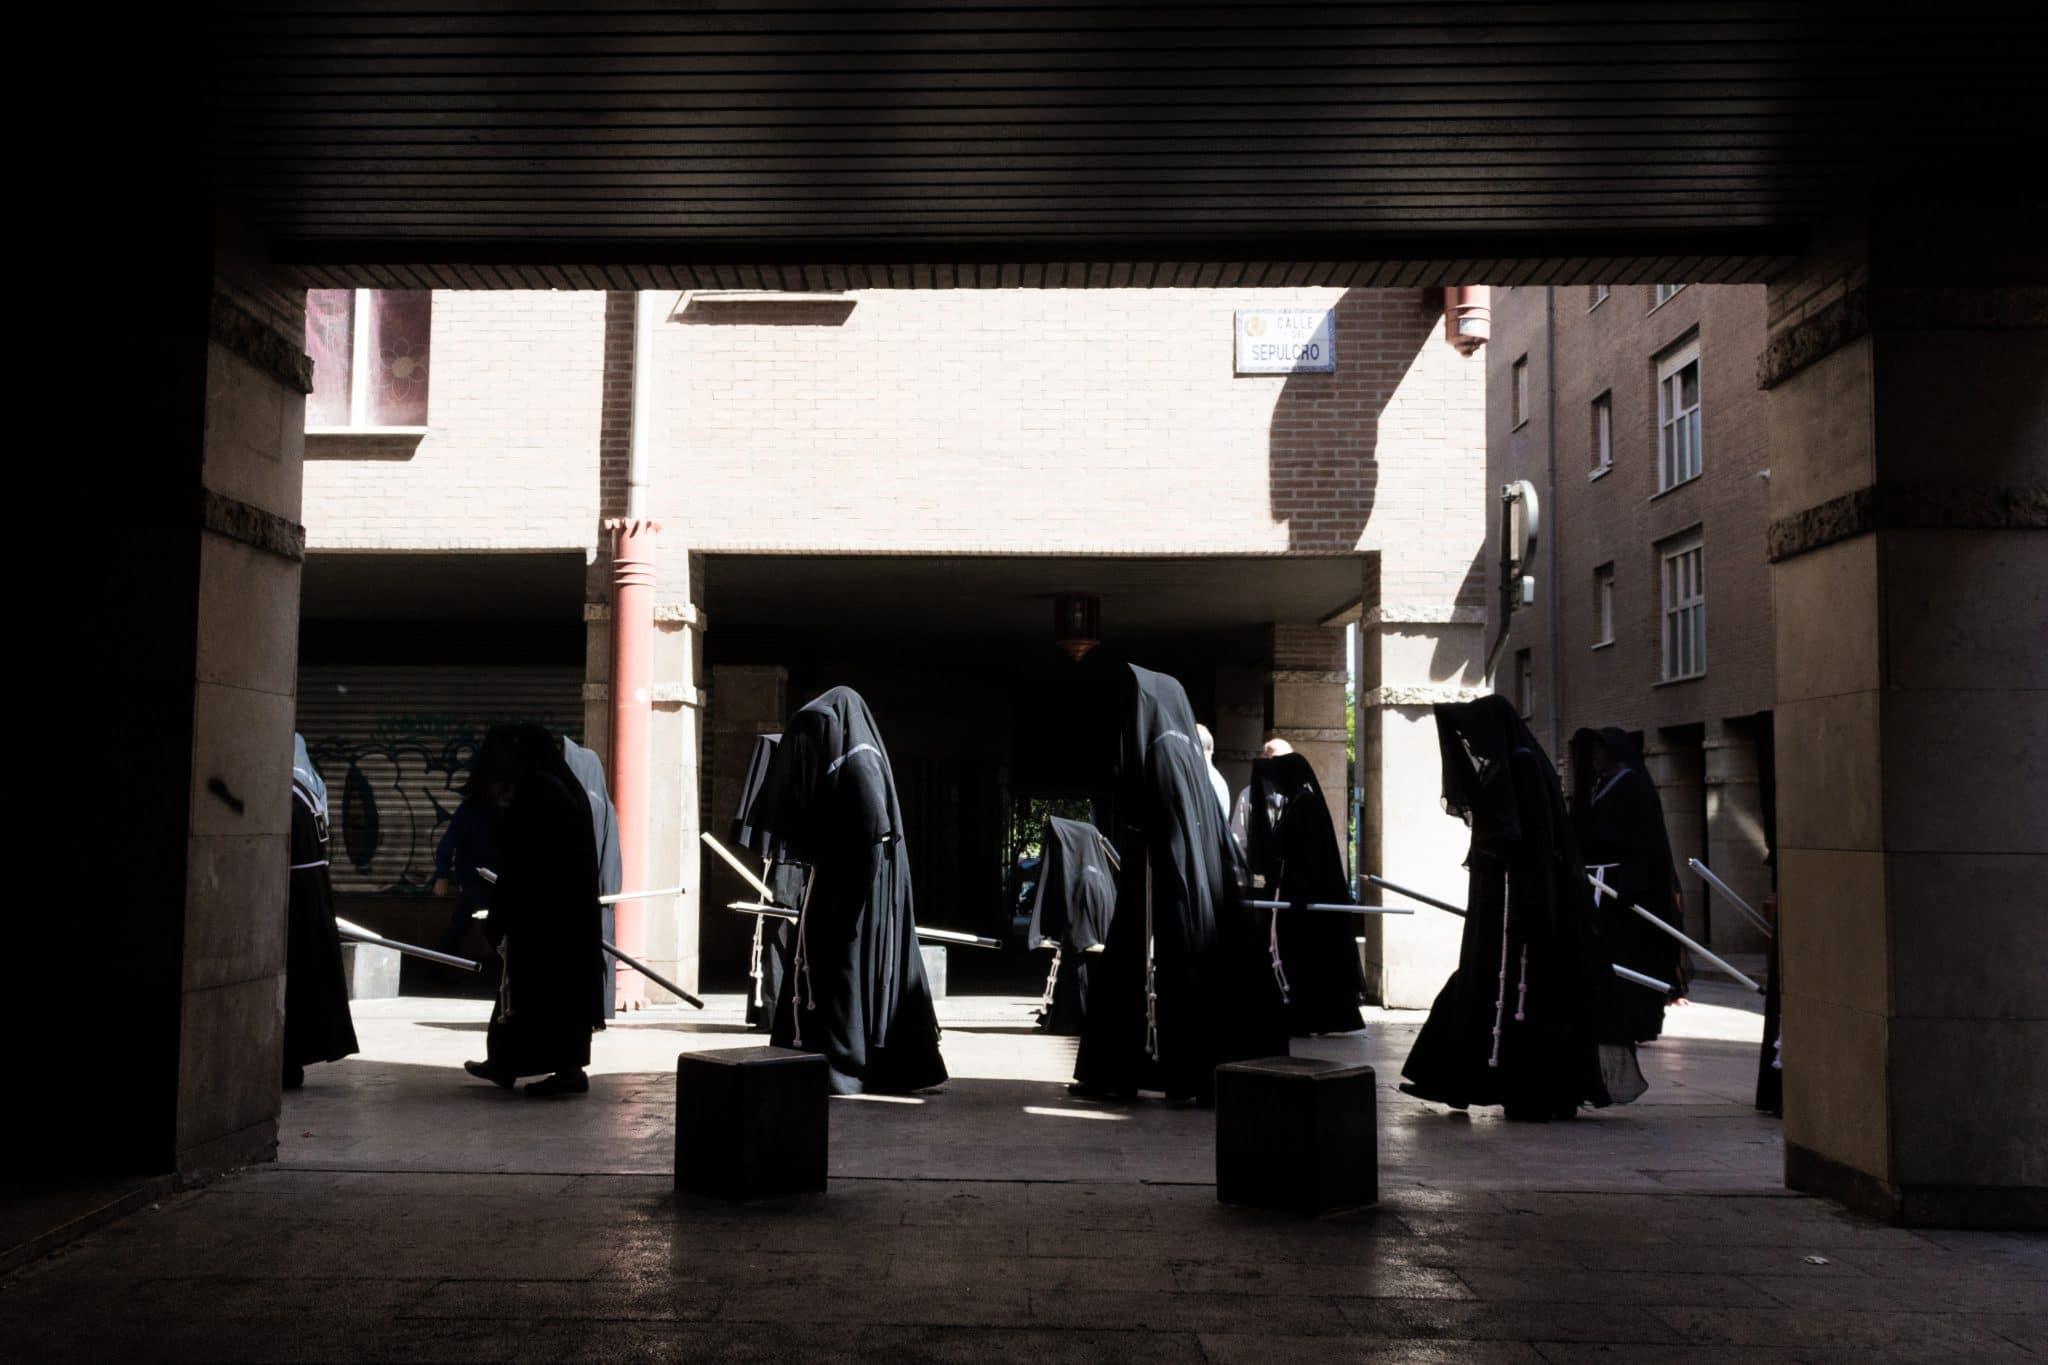 Semana Santa en Zaragoza - Procesión Titular Esclavas